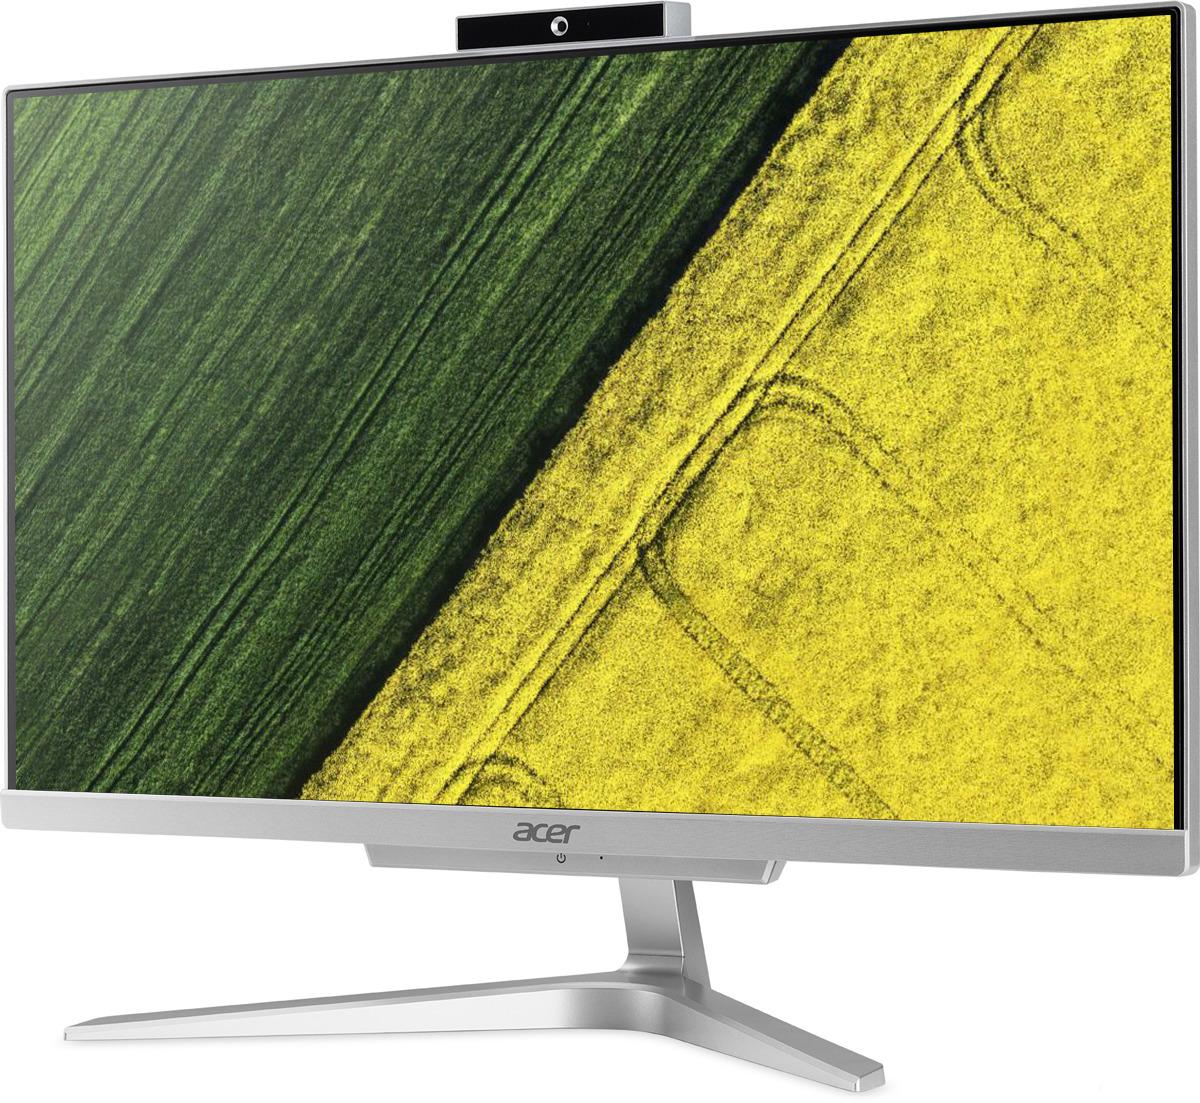 Моноблок Acer Aspire C22-865, DQ.BBRER.004, 21.5, серебристый моноблок acer aspire c22 860 21 5 цвет серебристый